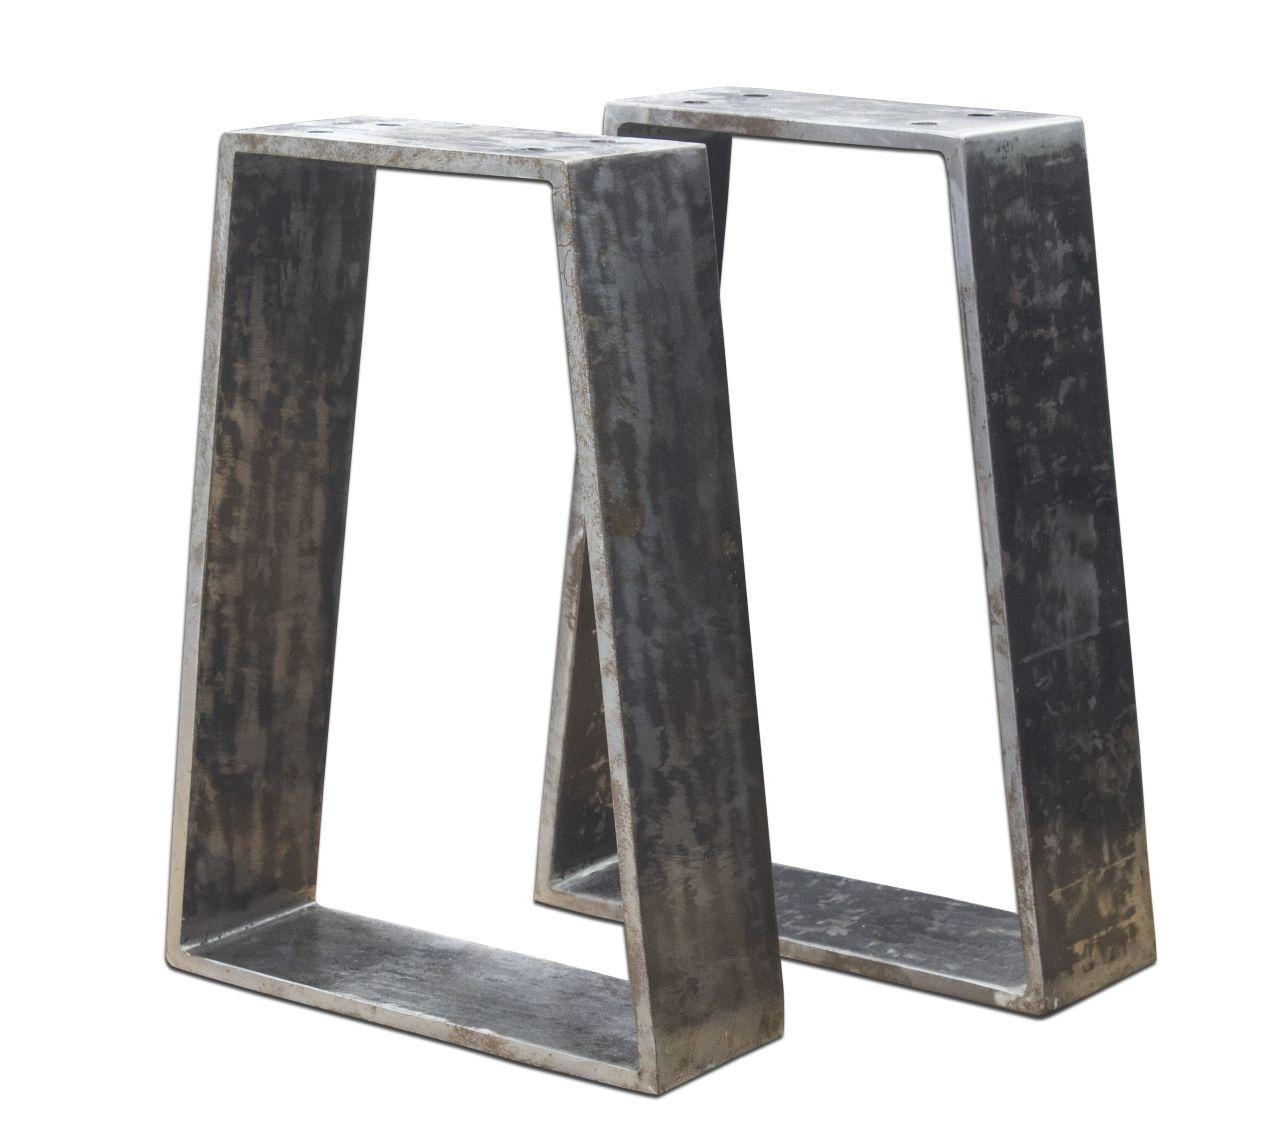 Tischgestell Aus Stahl Fr Couchtisch